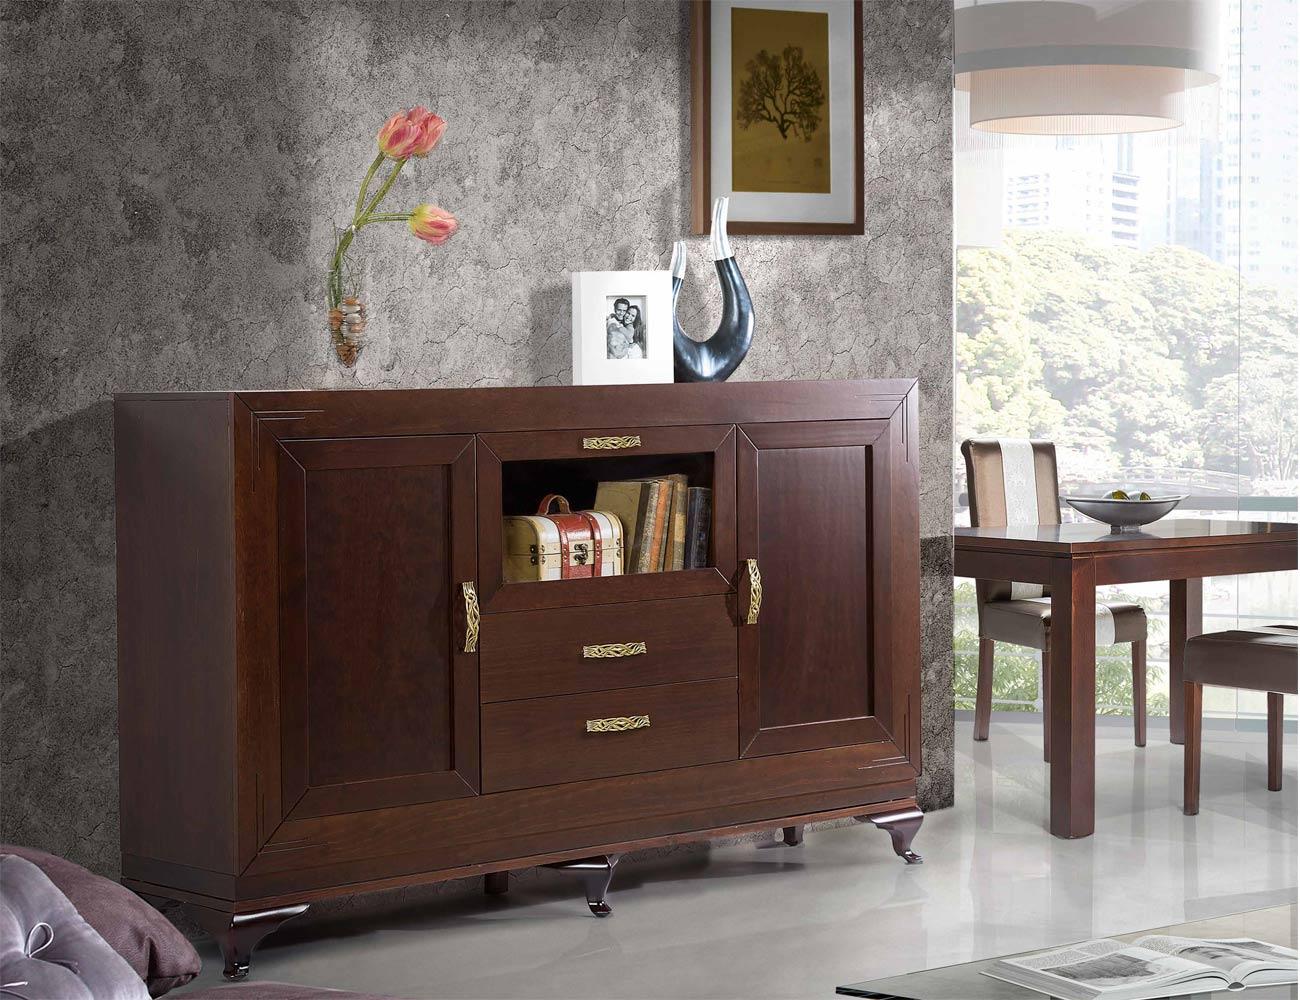 Composicion 11 mueble salon comedor vitrina aparador silla mesa1